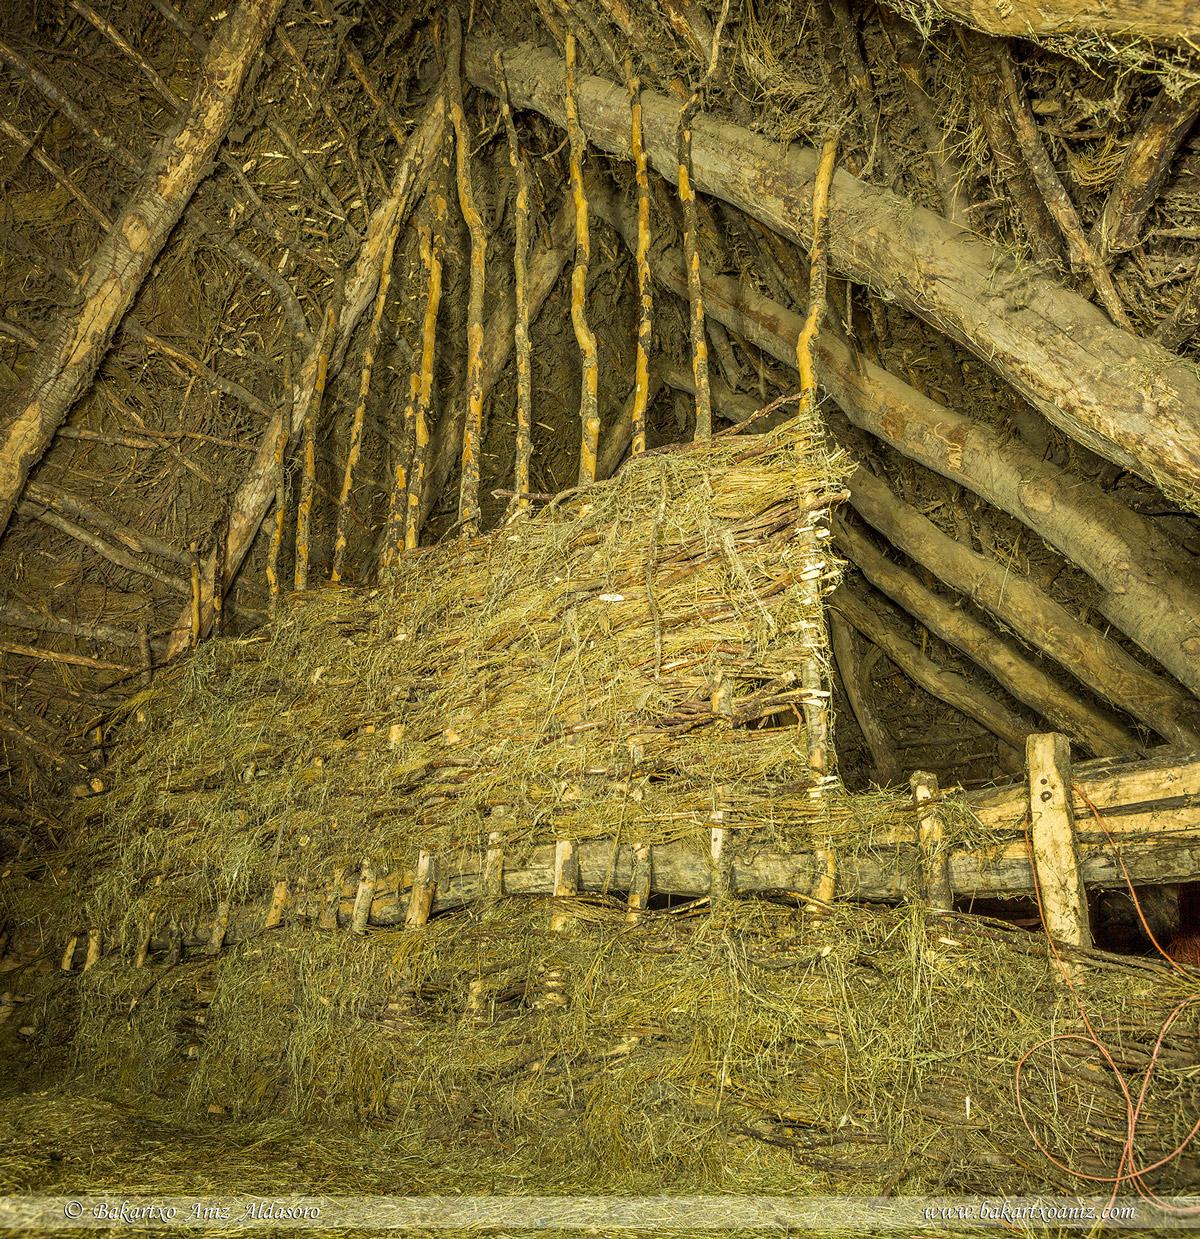 separación en la planta superior de un teito - Somiedo - Somiedo - Tierra de teitos y bosques - Bakartxo Aniz - Fotografías de Asturias. Somiedo - Muniellos.